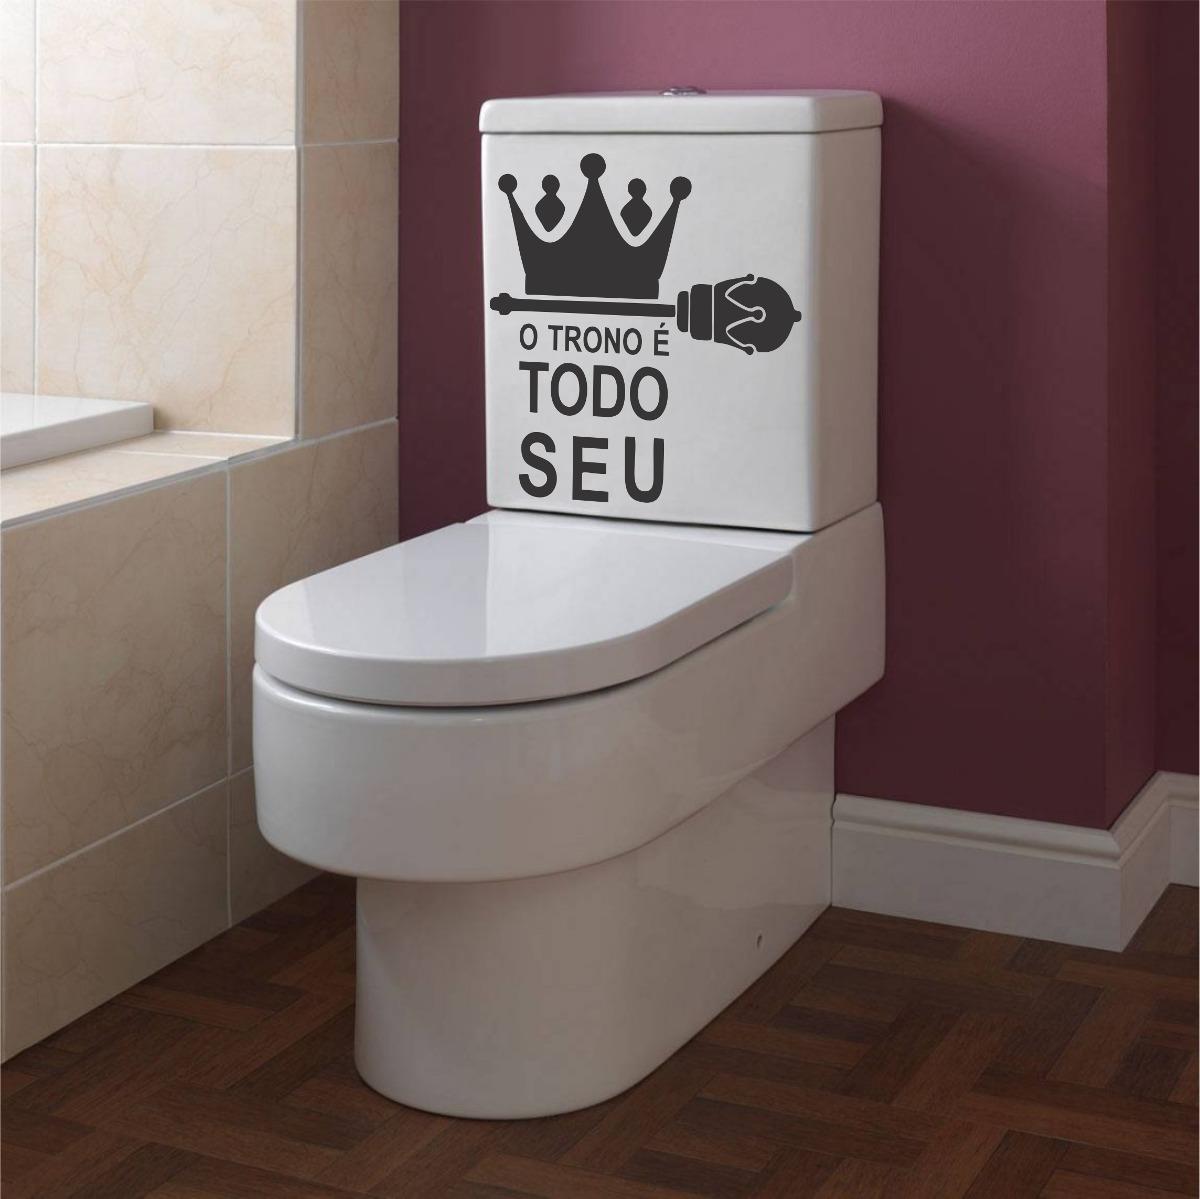 Pics Photos Adesivos De Parede Para Banheiro #412724 1200x1199 Adesivo Blindex Banheiro